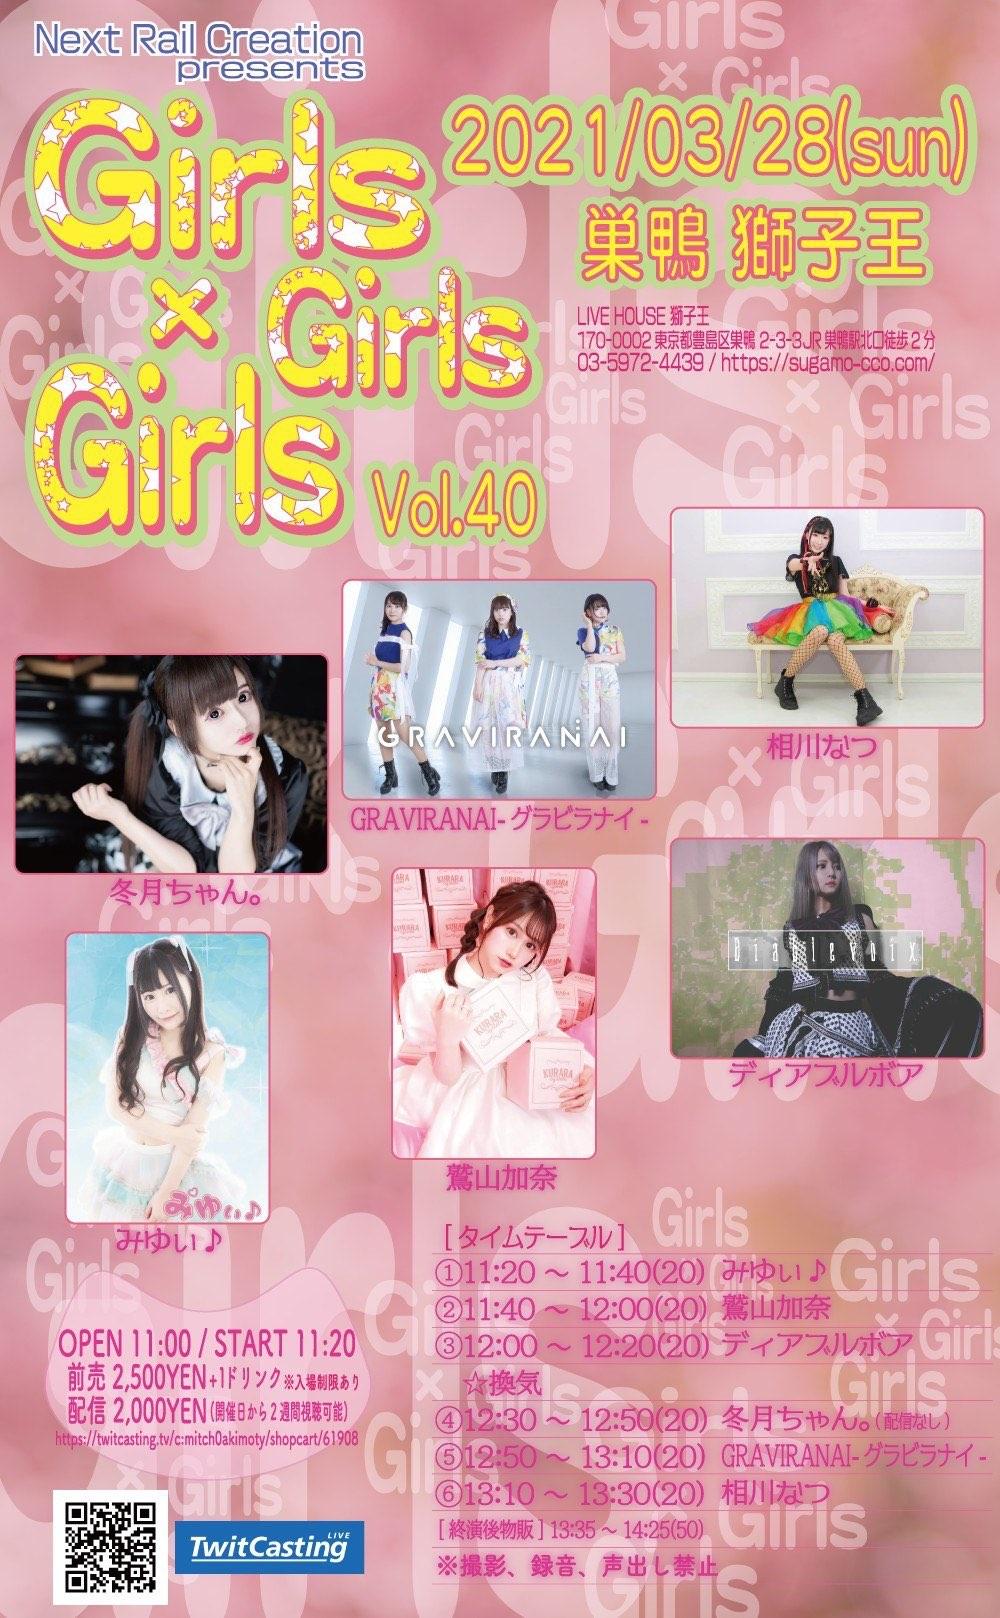 Girls × Girls × Girls vol.40